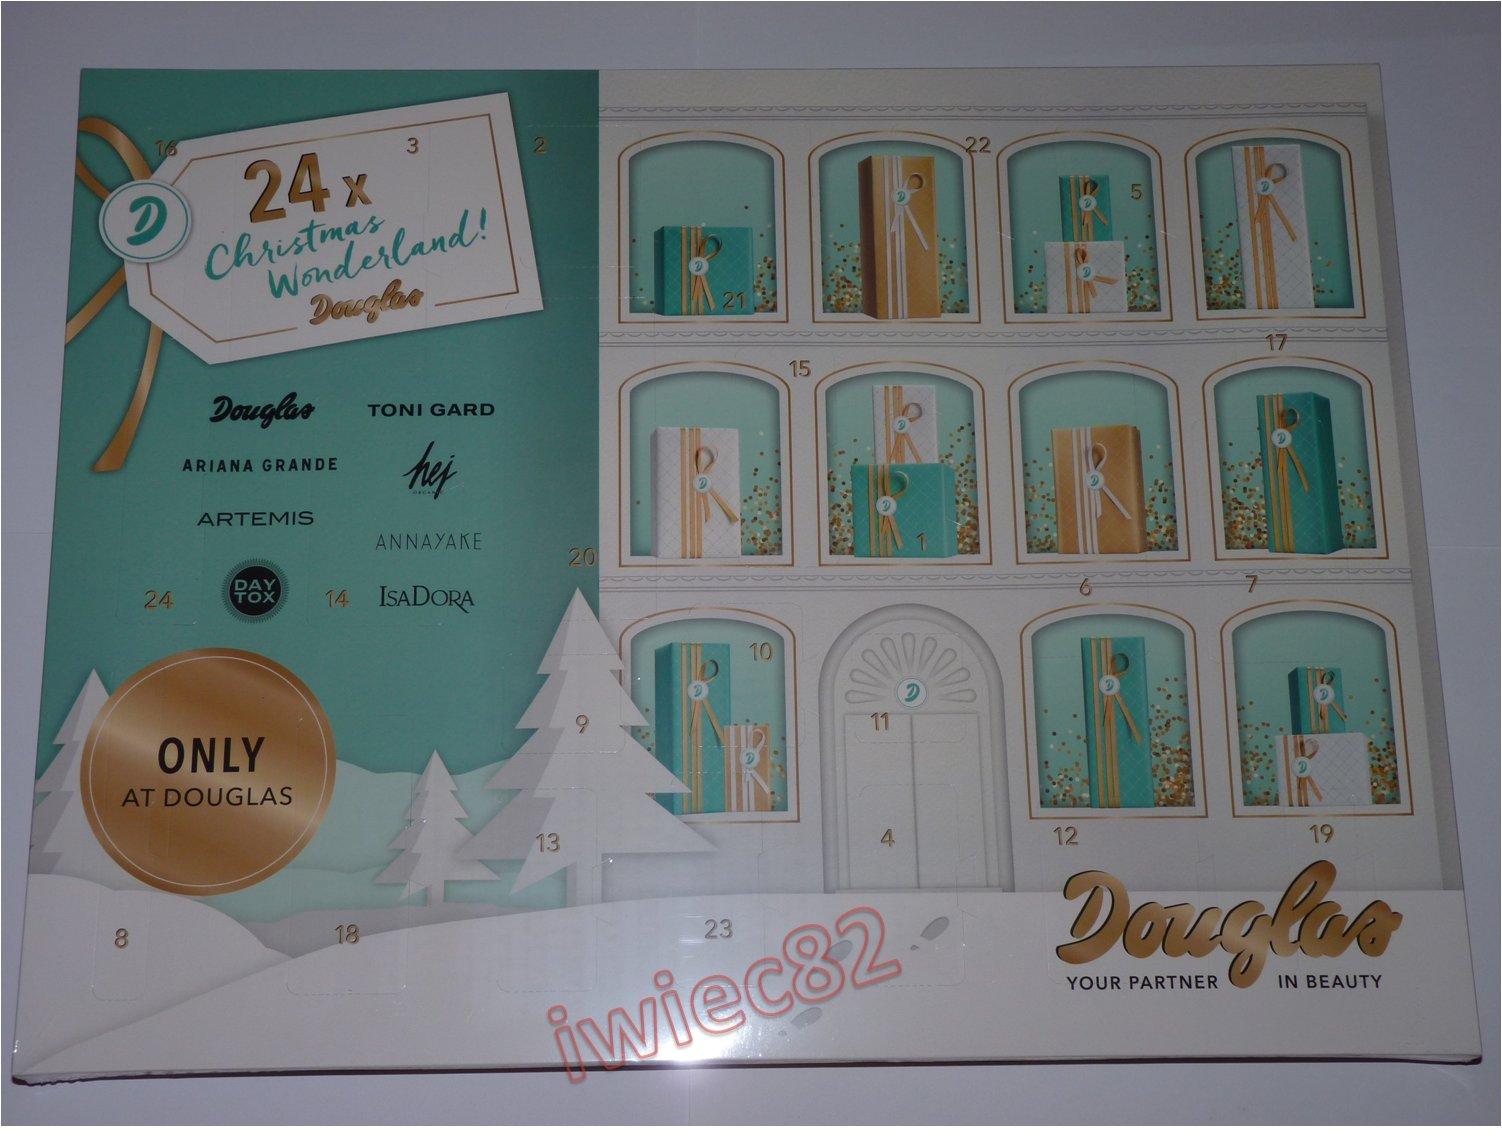 Douglas Kalendarz Adwentowy 2017 Perfumy Kosmetyki 7046463496 Oficjalne Archiwum Allegro